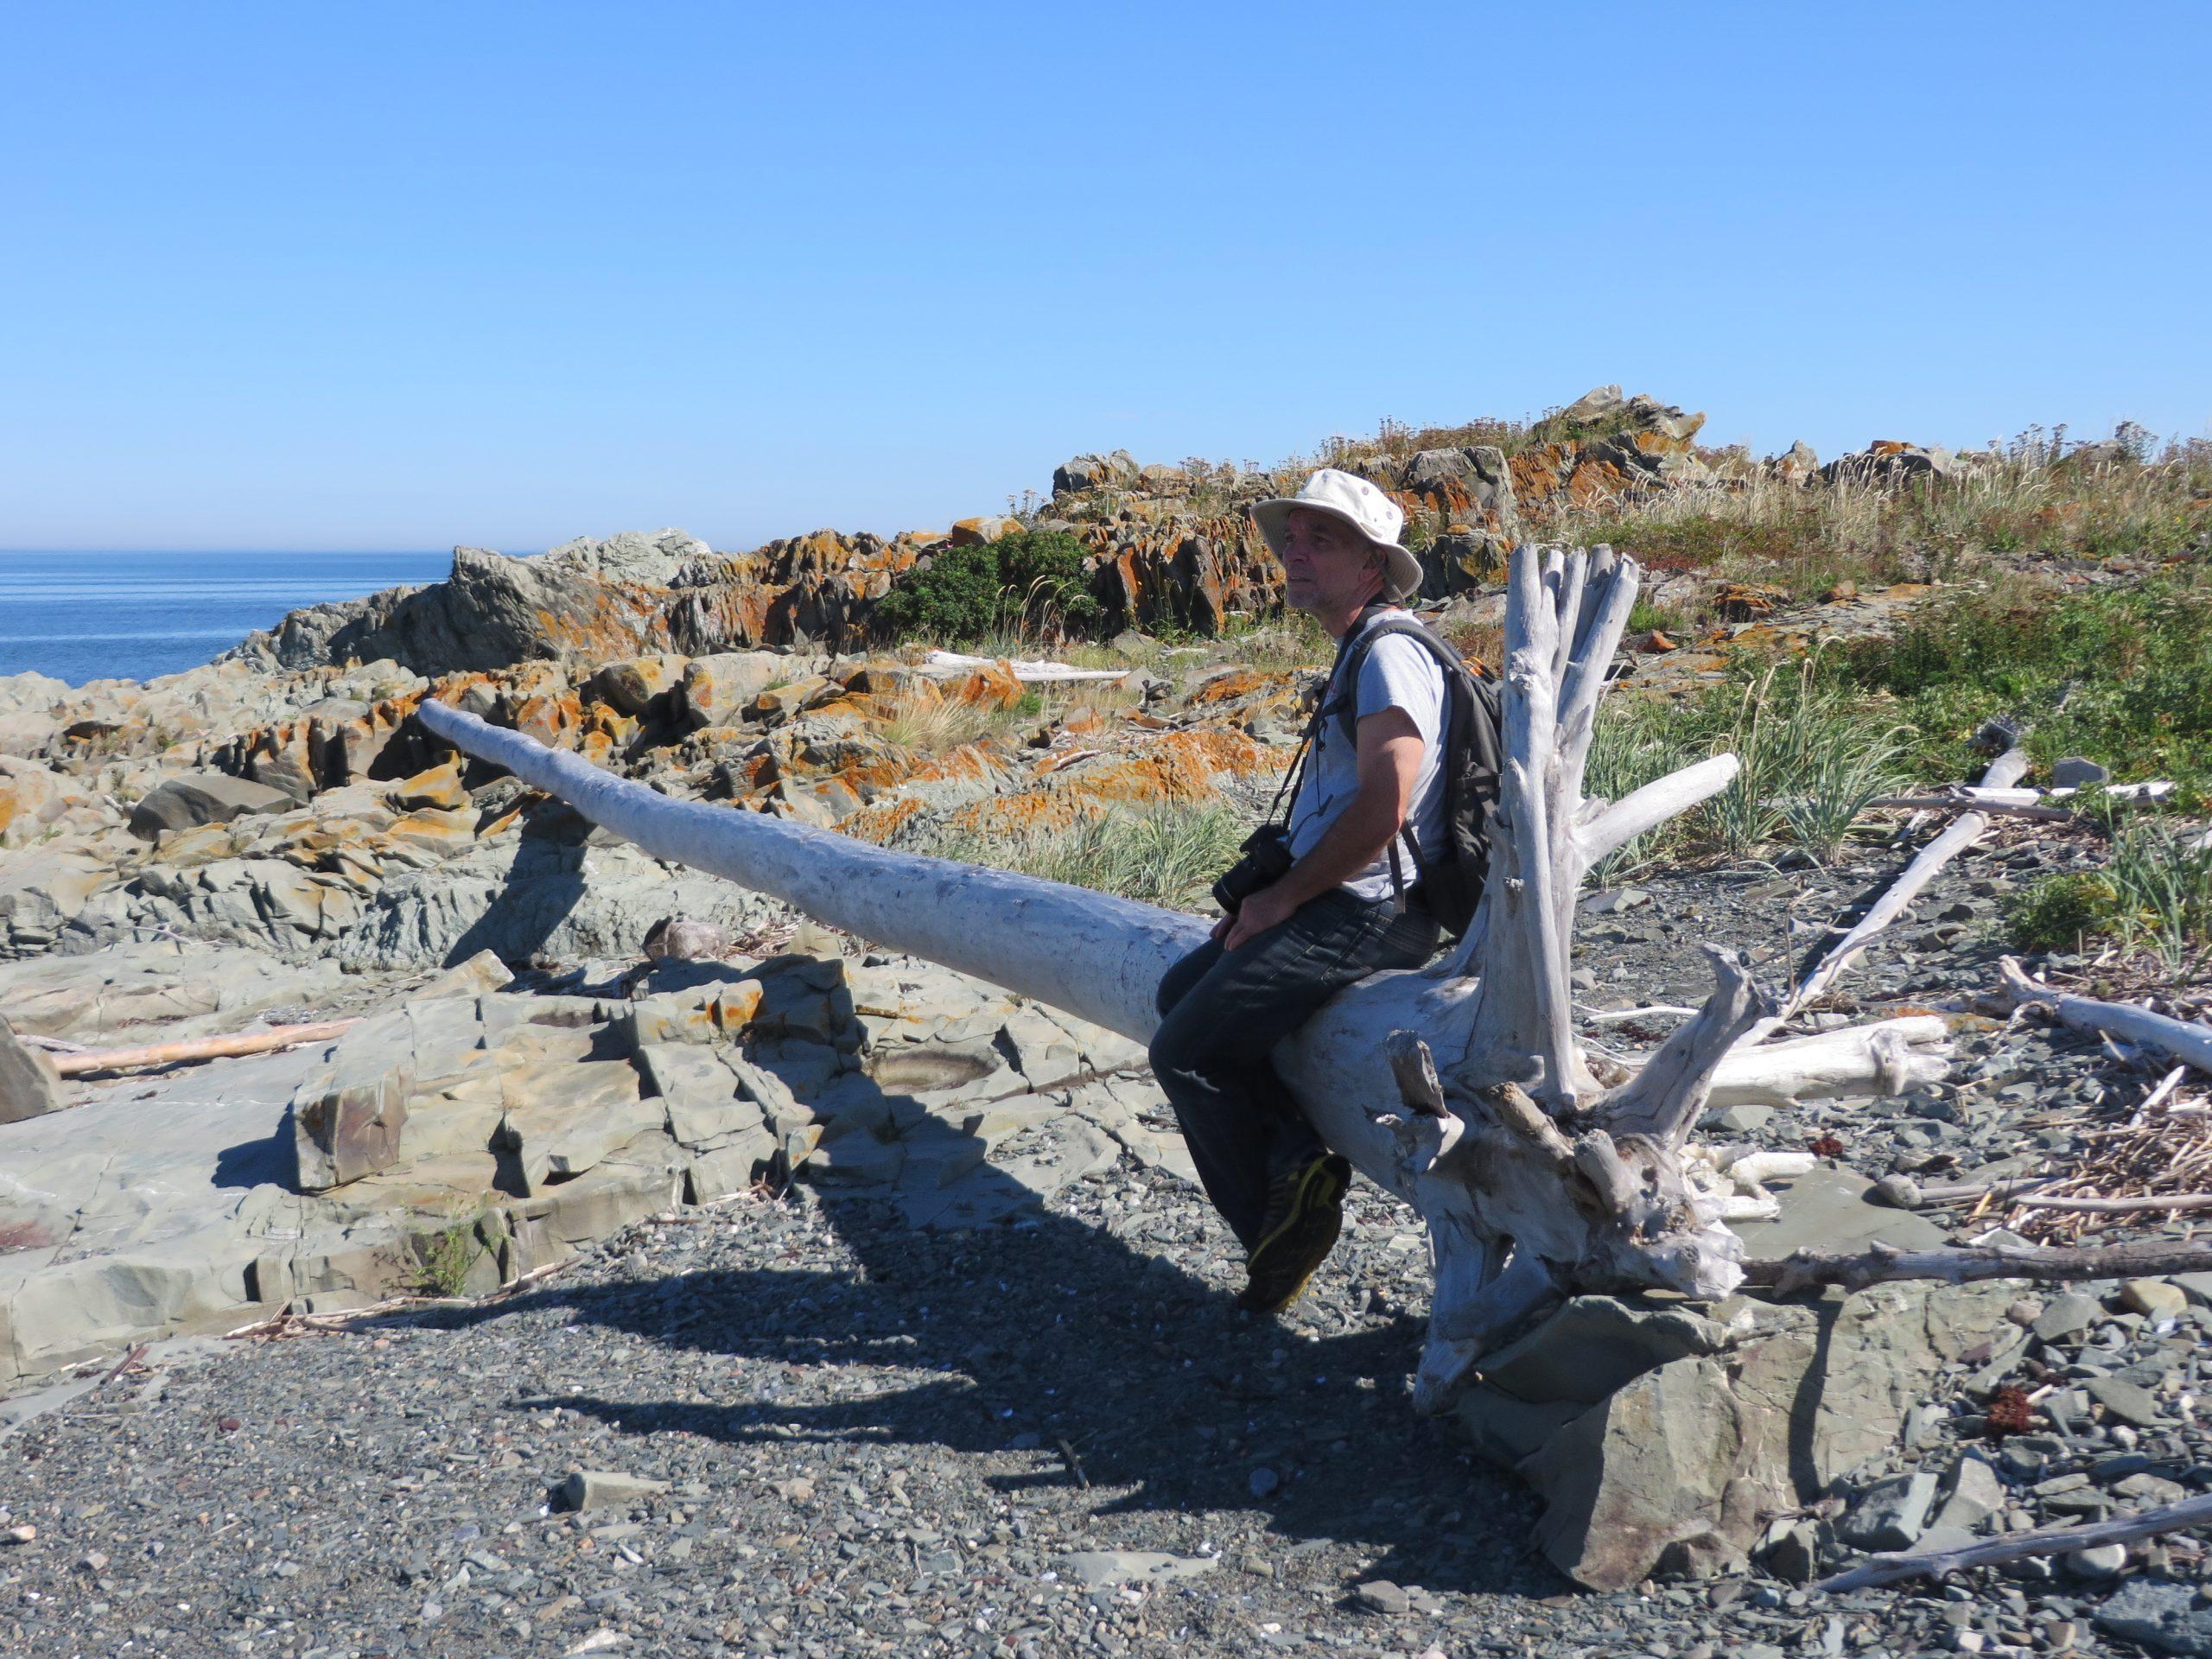 Le Parc naturel et historique de l'île aux Basques (Photo: Réhaume Courtois)